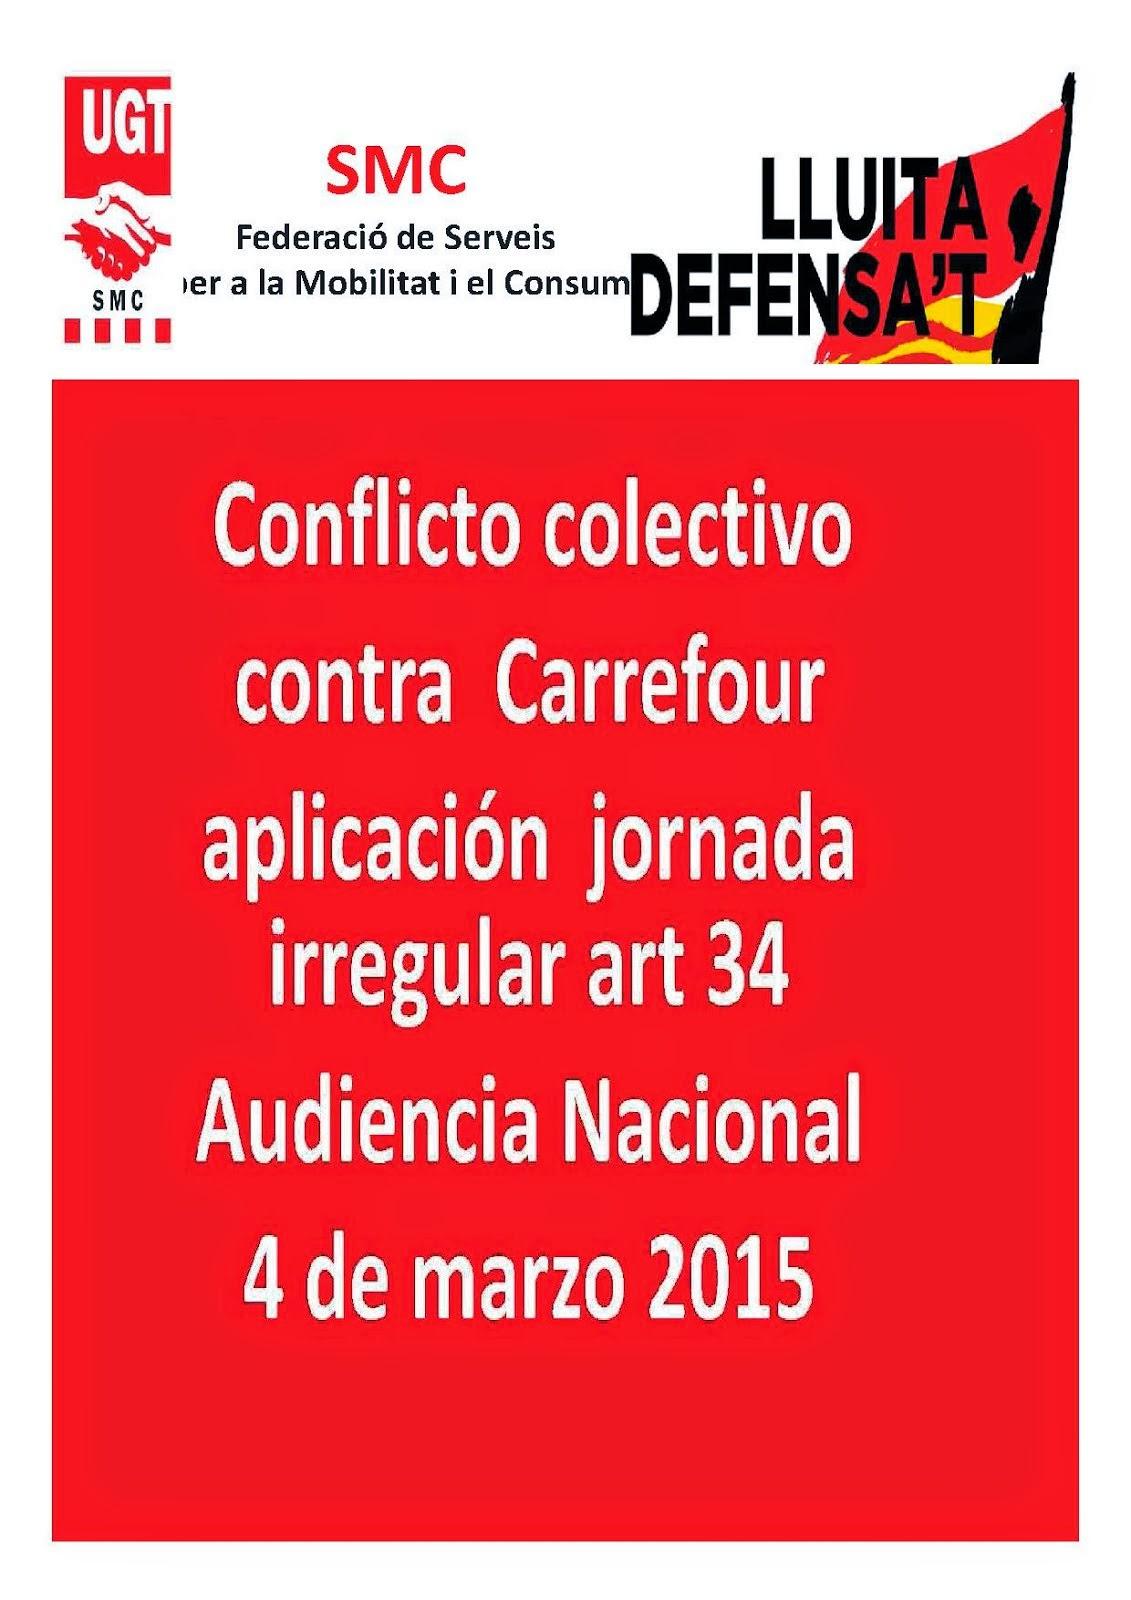 conflicto colectivo  art. 34 en Carrefour